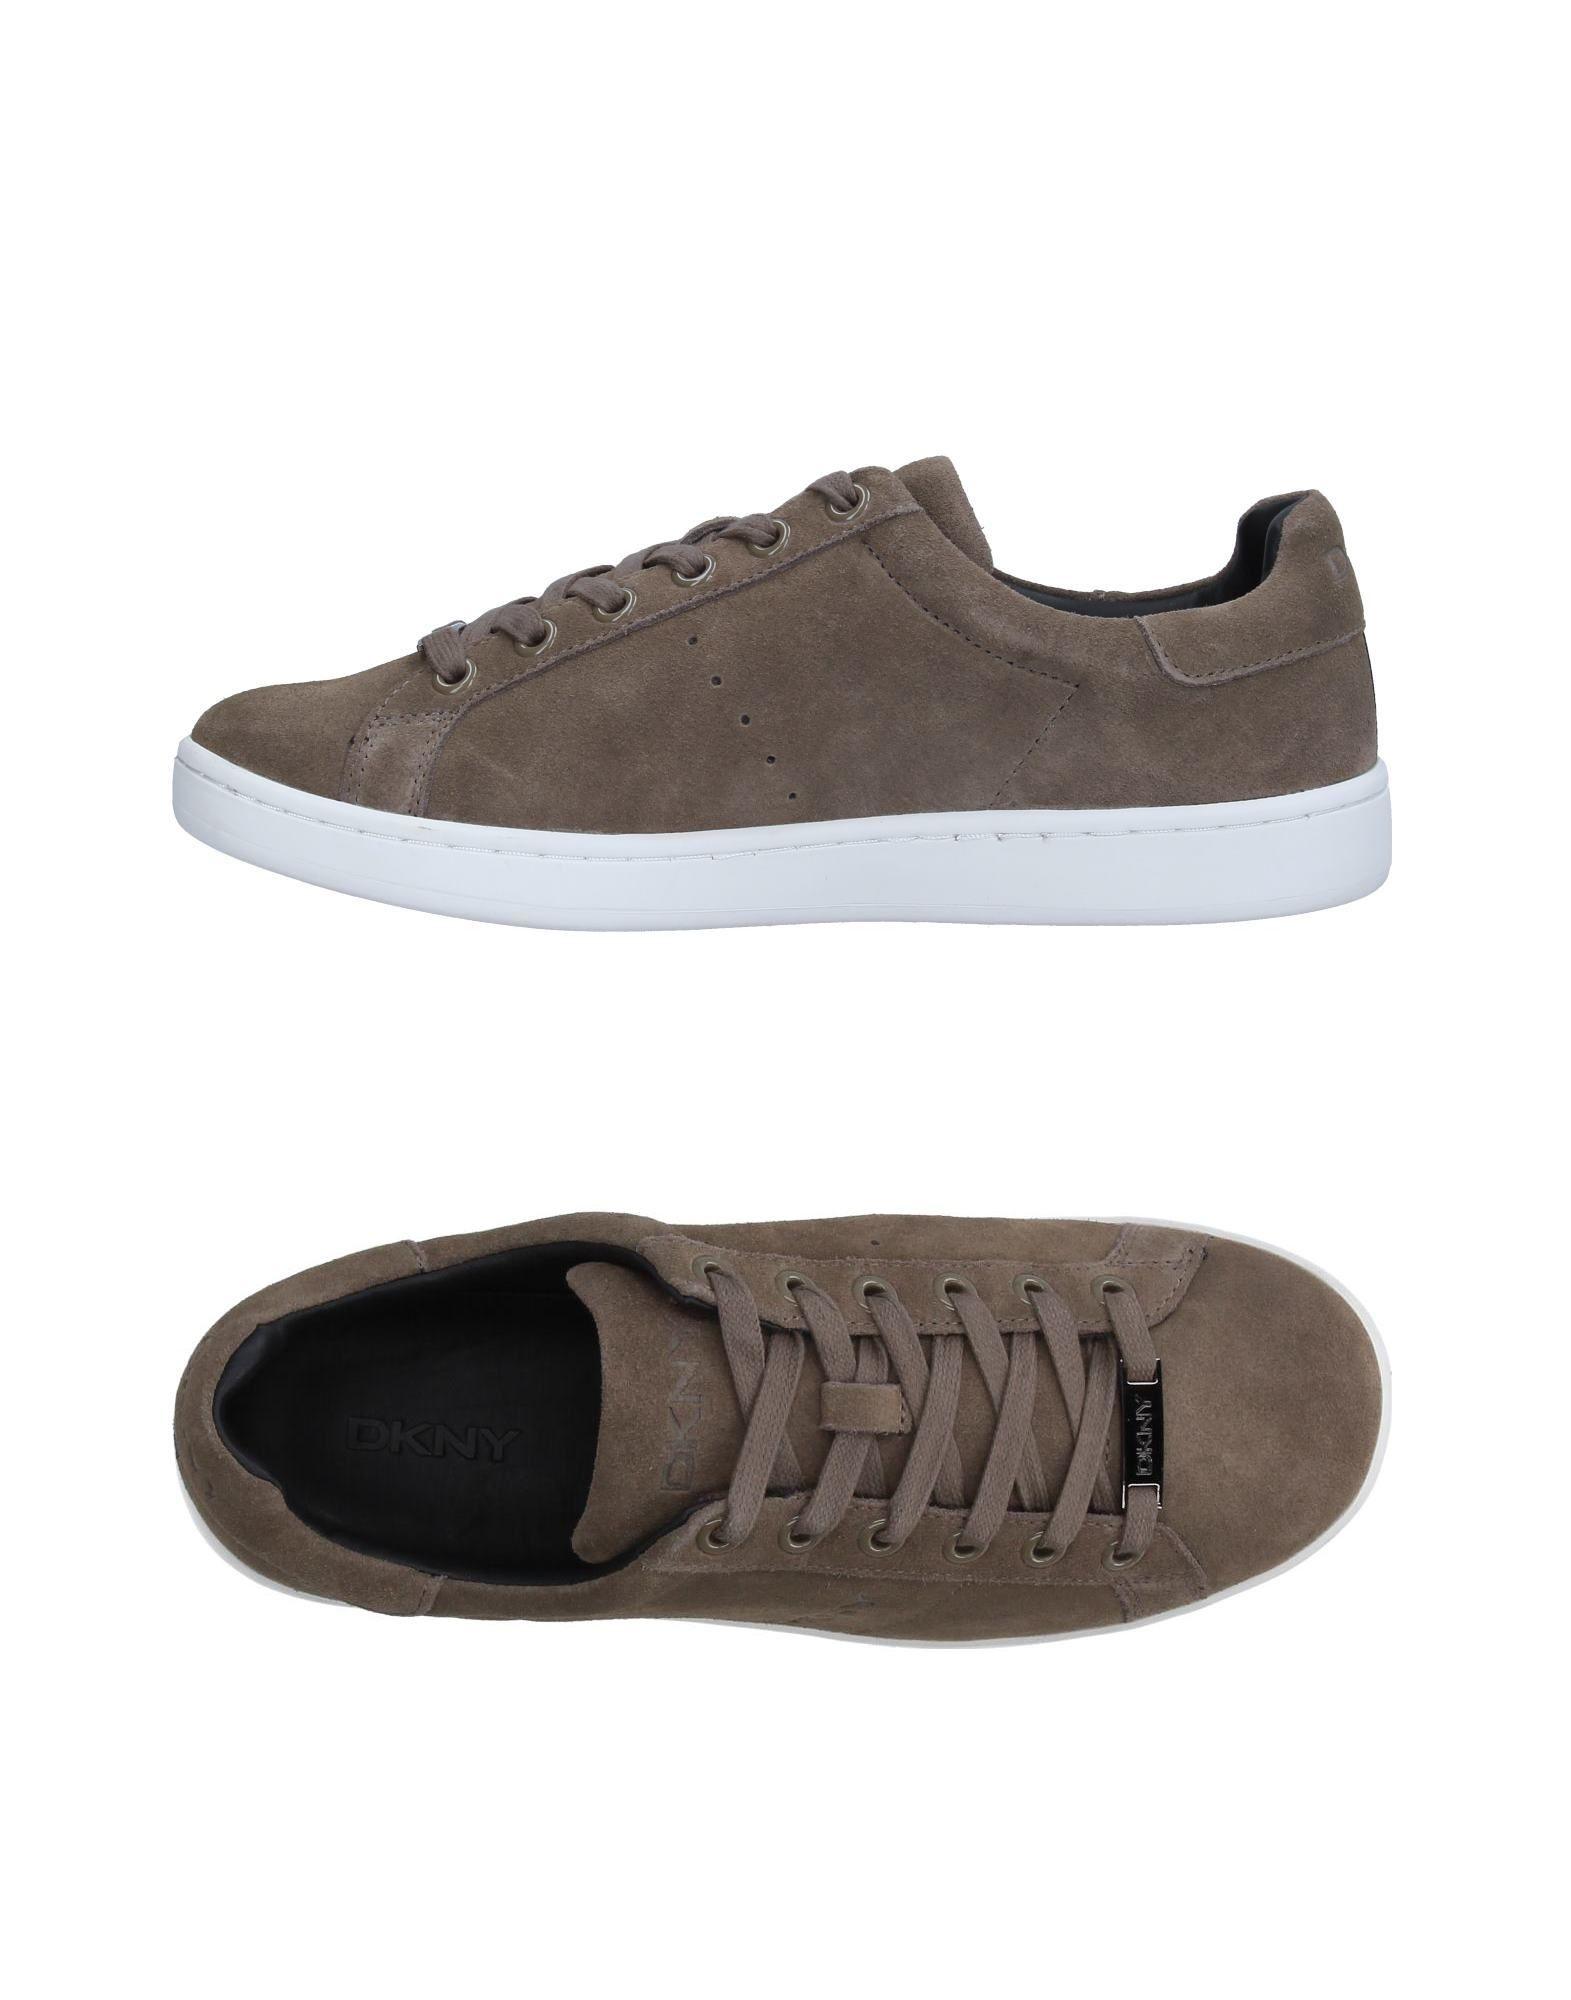 Rabatt Herren echte Schuhe Dkny Sneakers Herren Rabatt  11208005GJ e77085